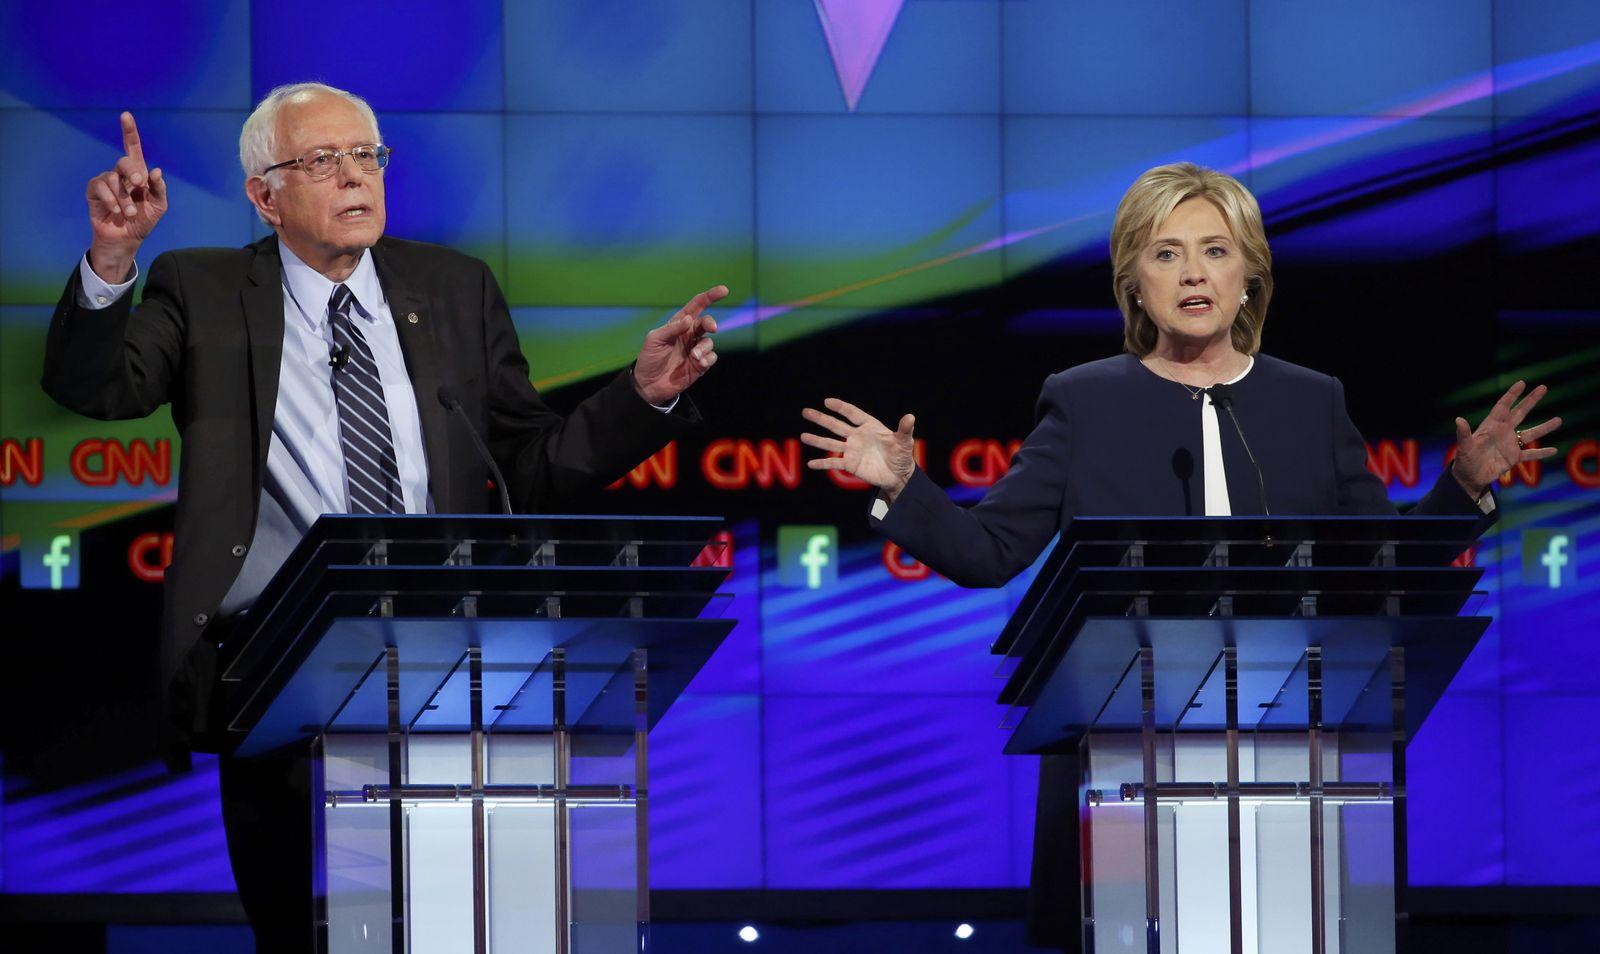 Demokraten USA Debatte Hillary Clinton